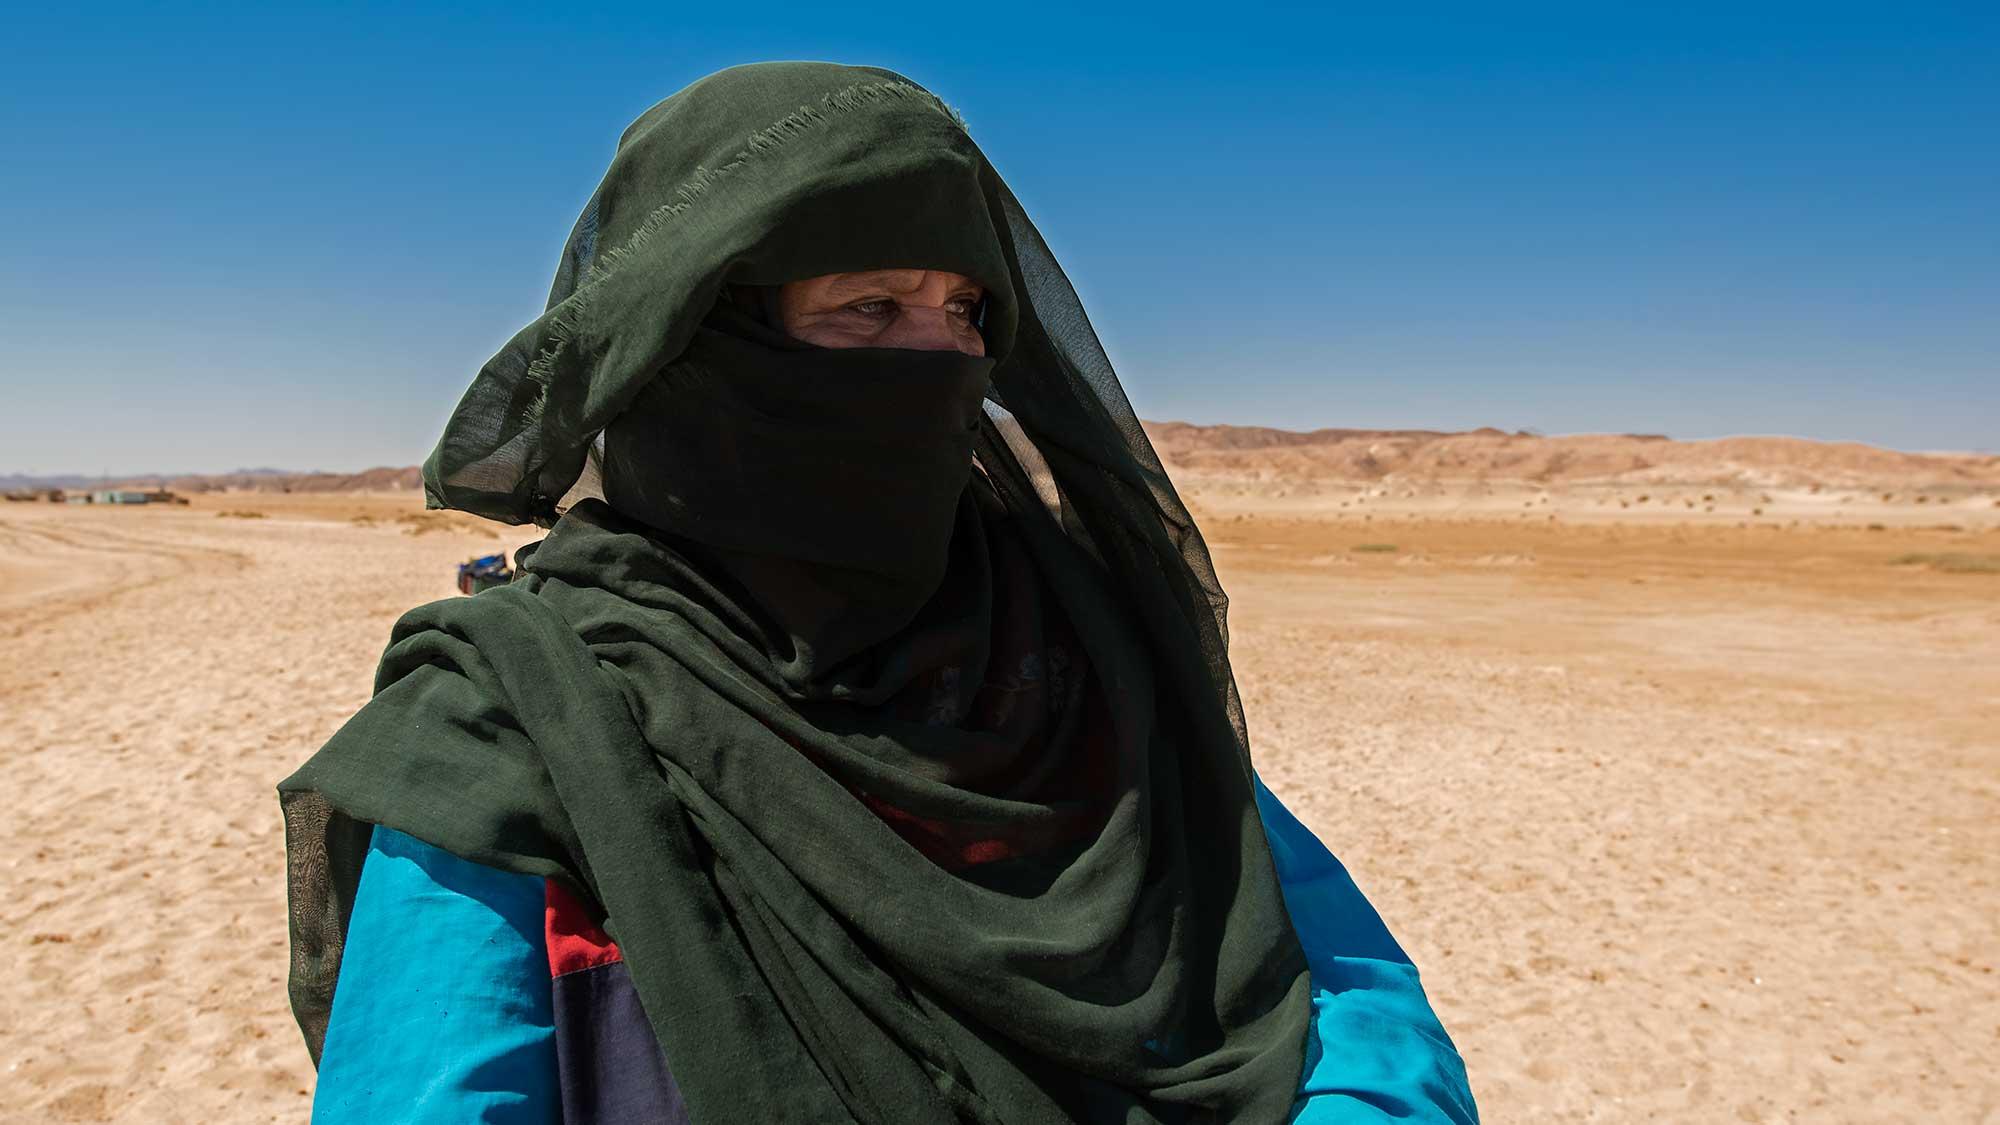 Egyptian Beduin Woman, Ras Abu Ghusun, Red Sea